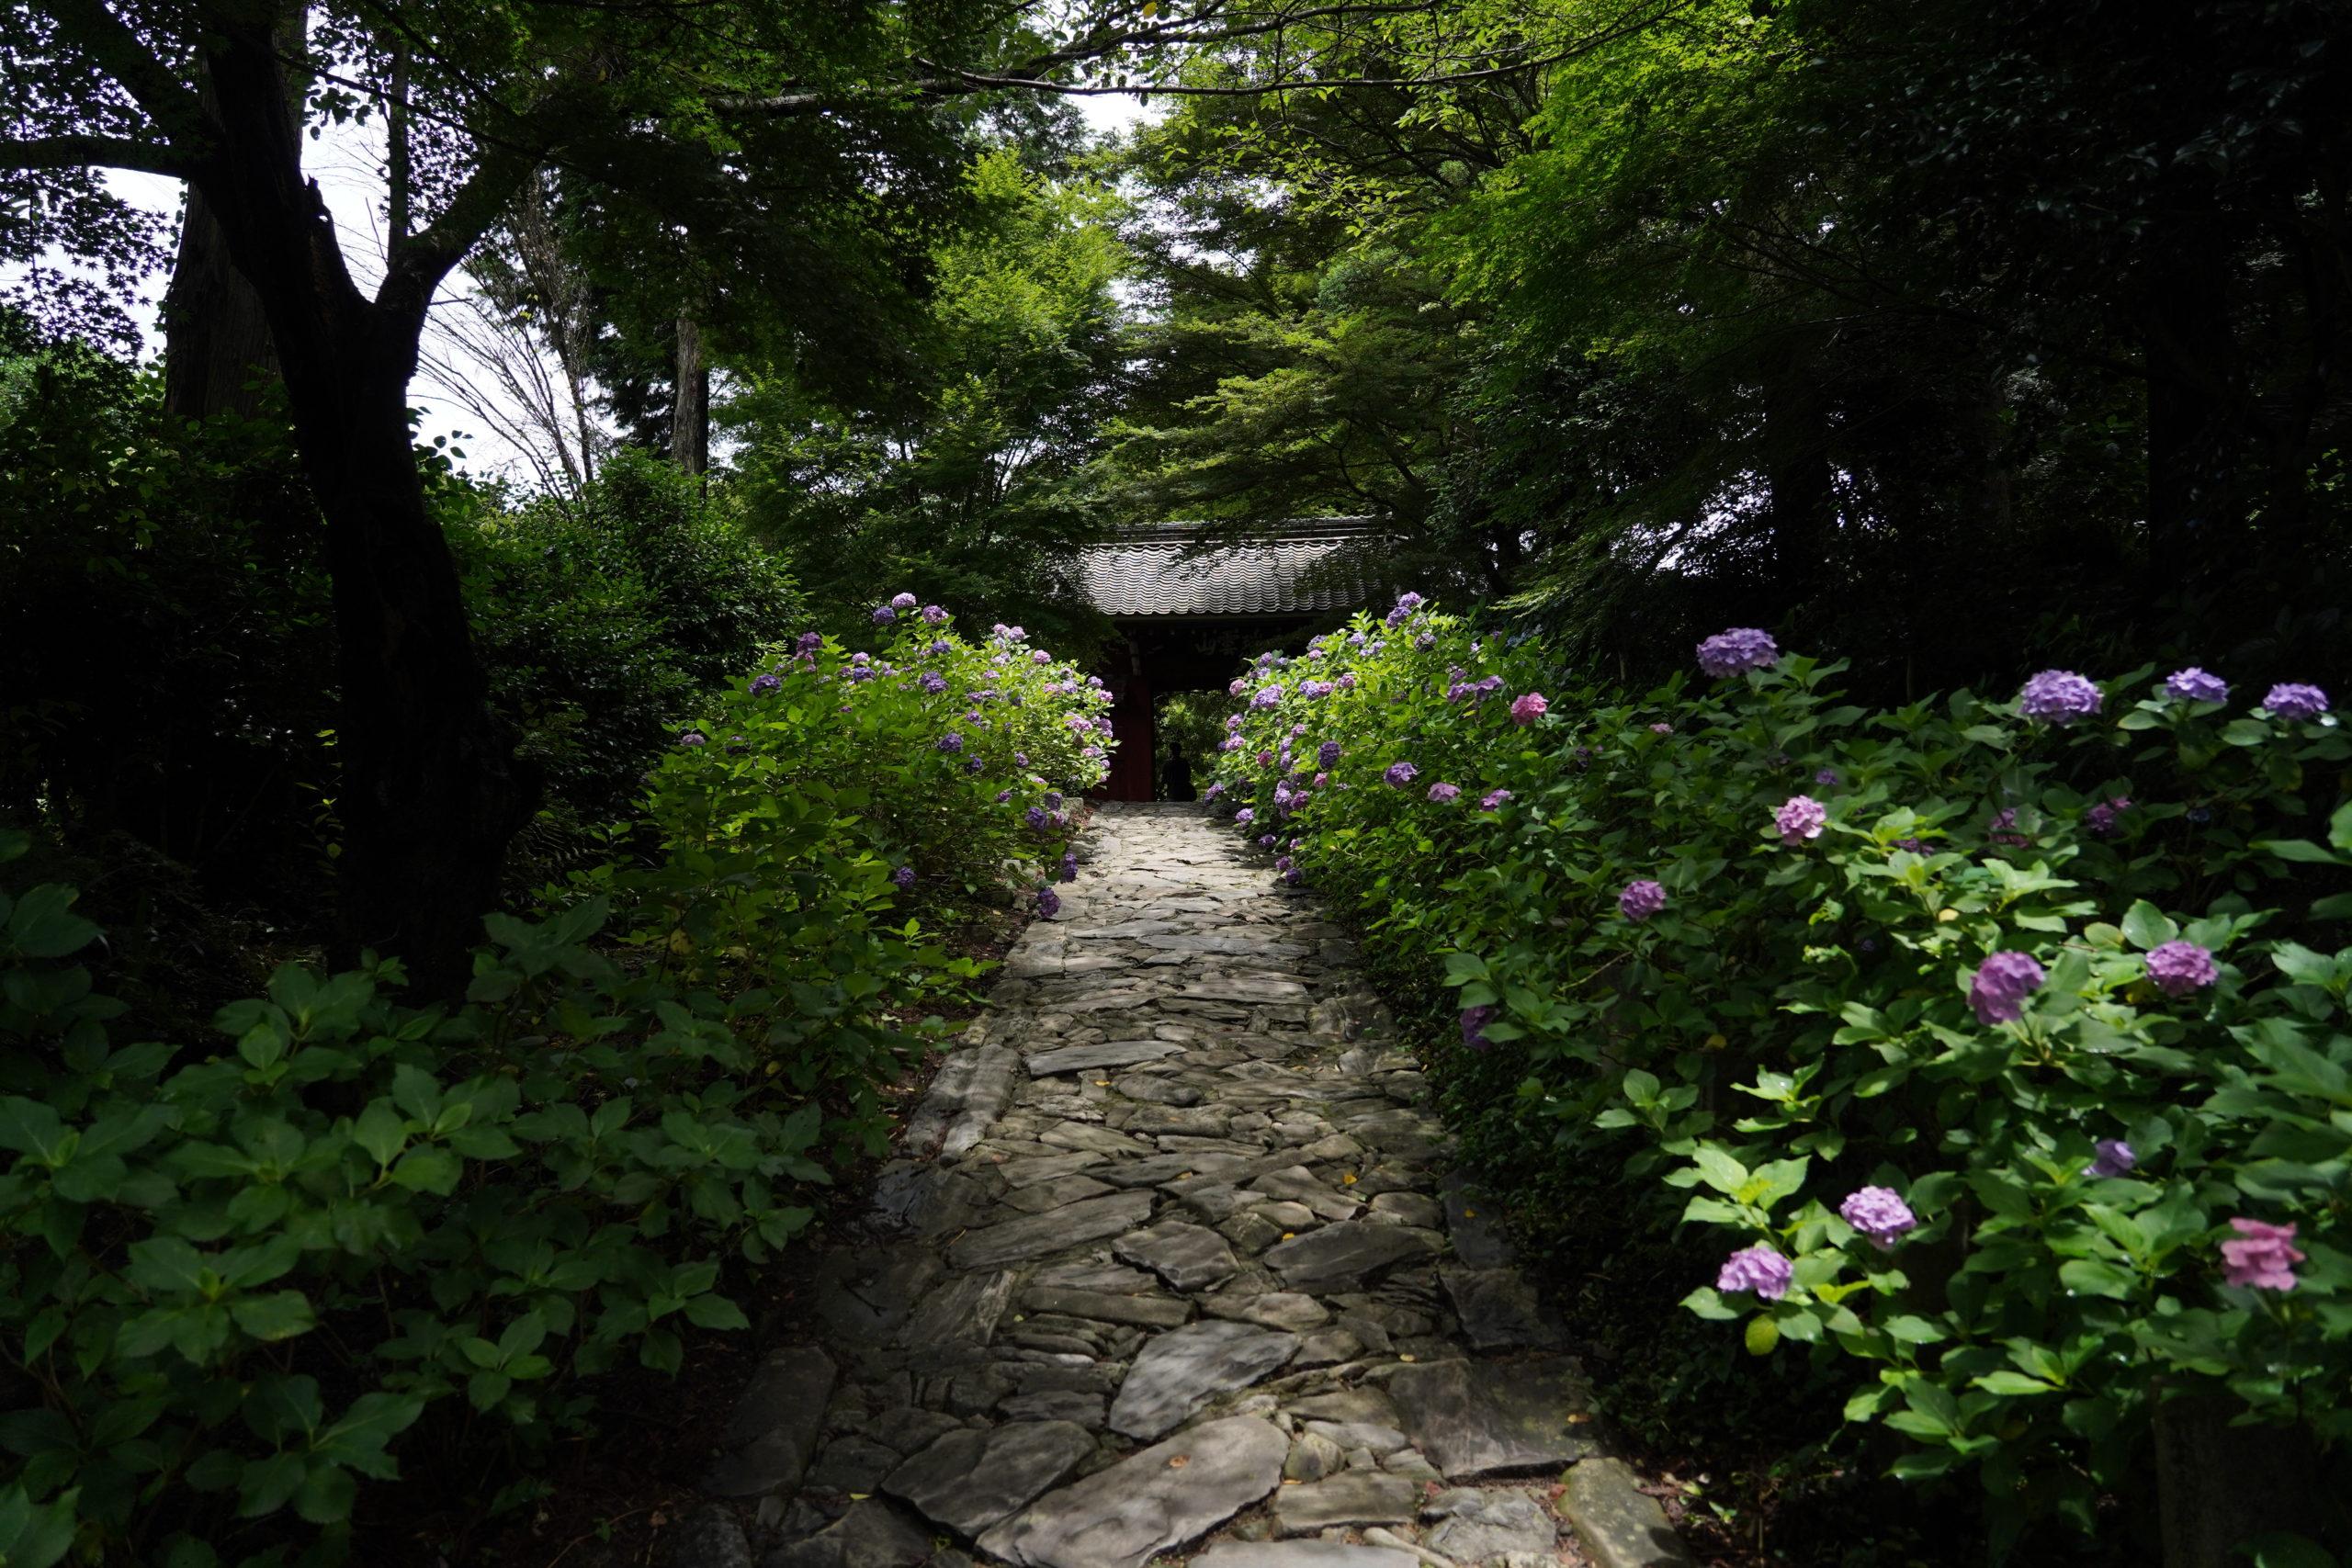 【愛知県幸田町】本光寺で、満天の紫陽花を撮影しに行きました